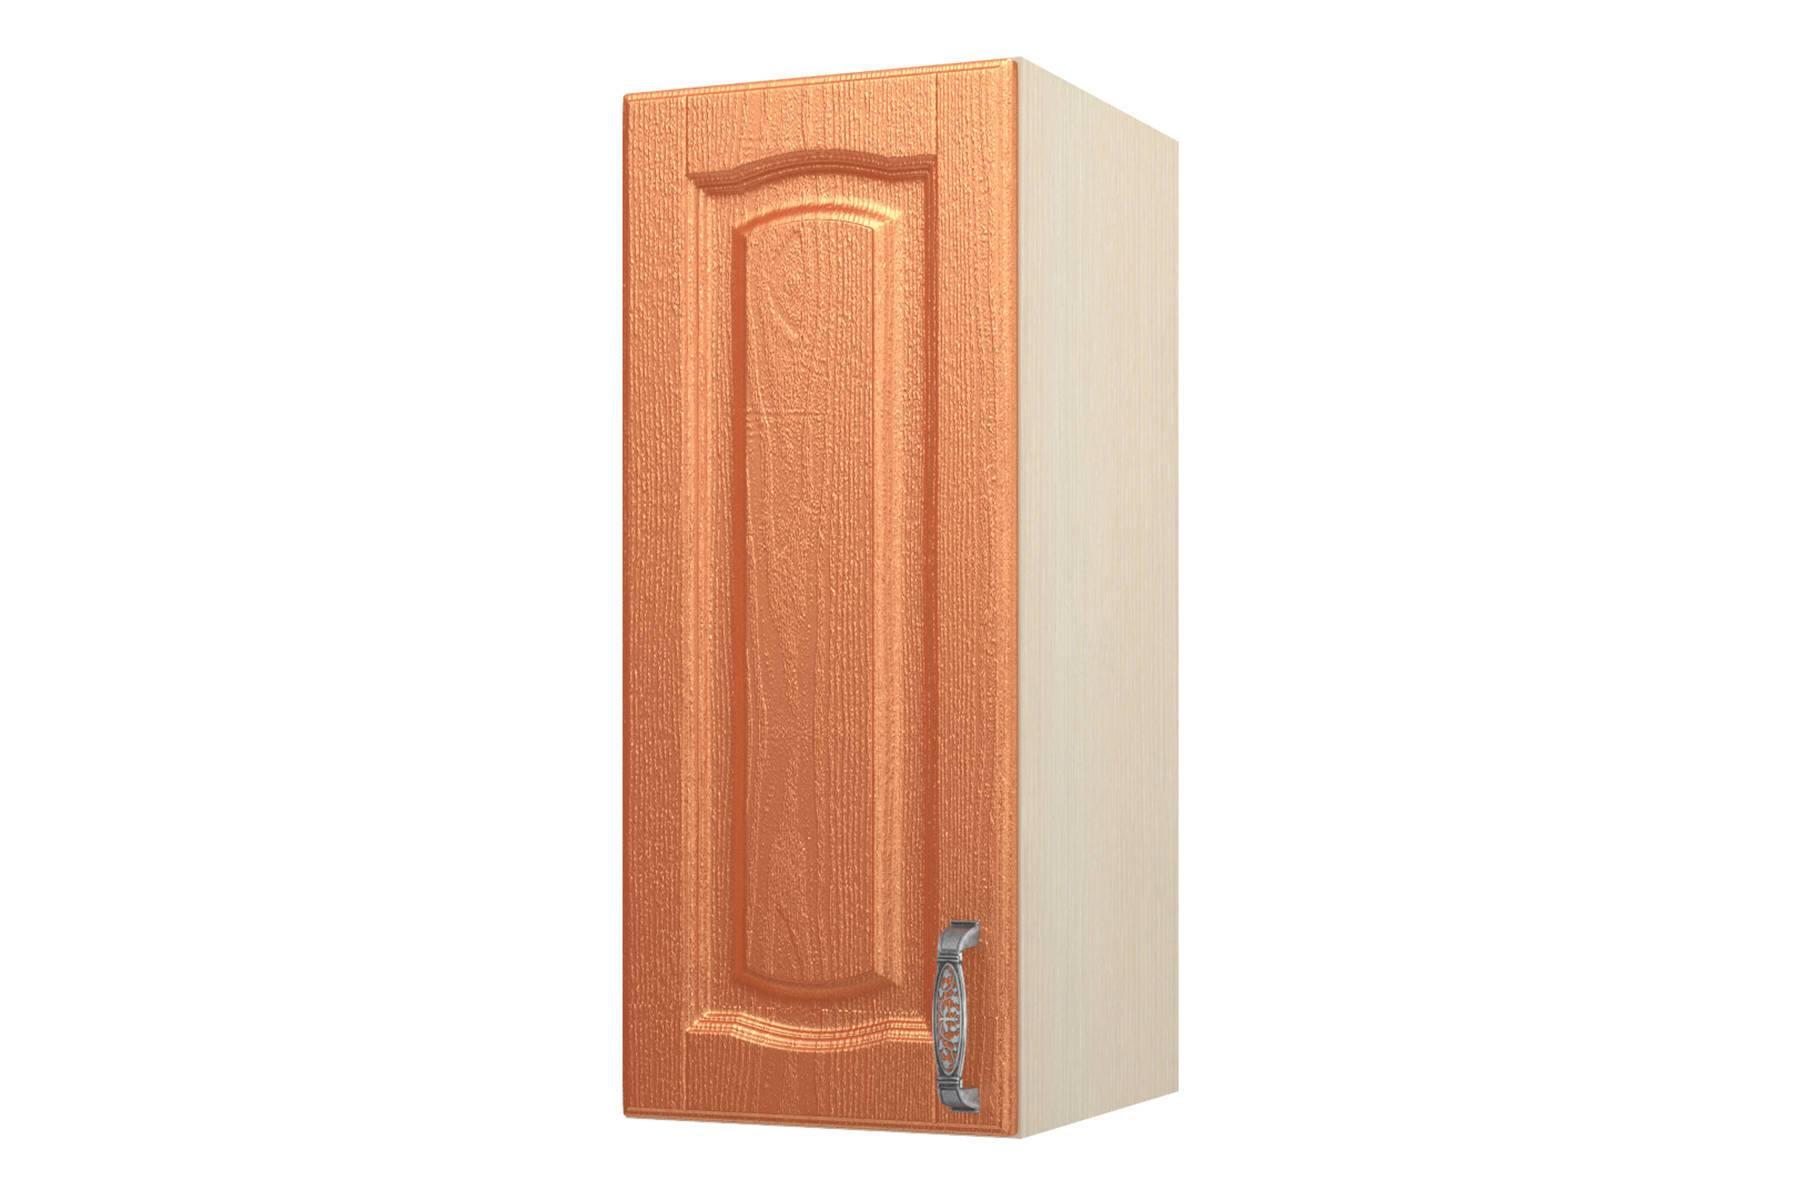 Равенна ART Шкаф навесной 30, 1 дверь равенна art шкаф навесной 40 н 96 1 дверь